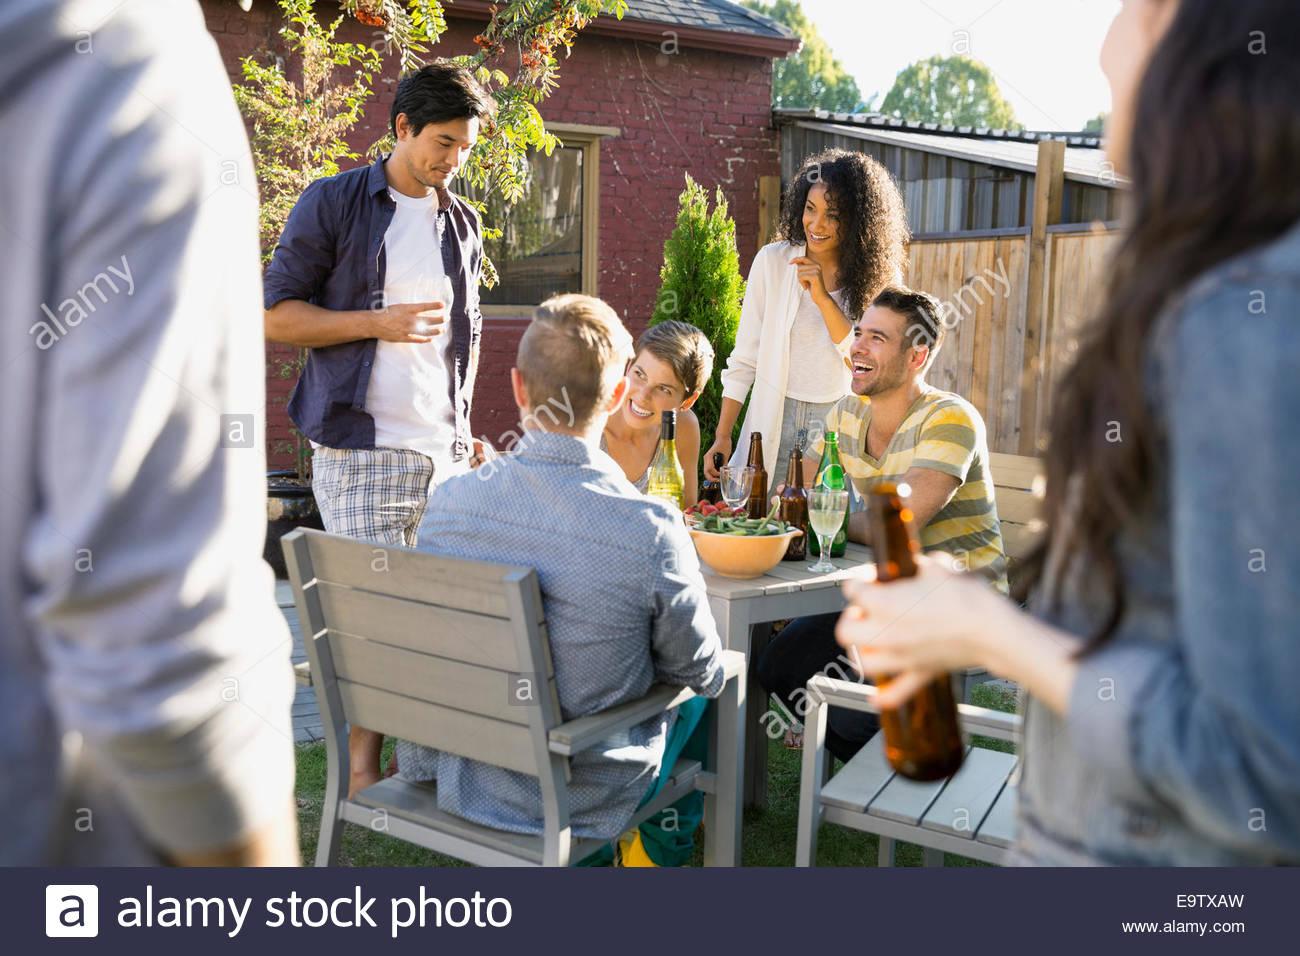 Amigos comiendo y bebiendo en el jardín barbacoa Imagen De Stock